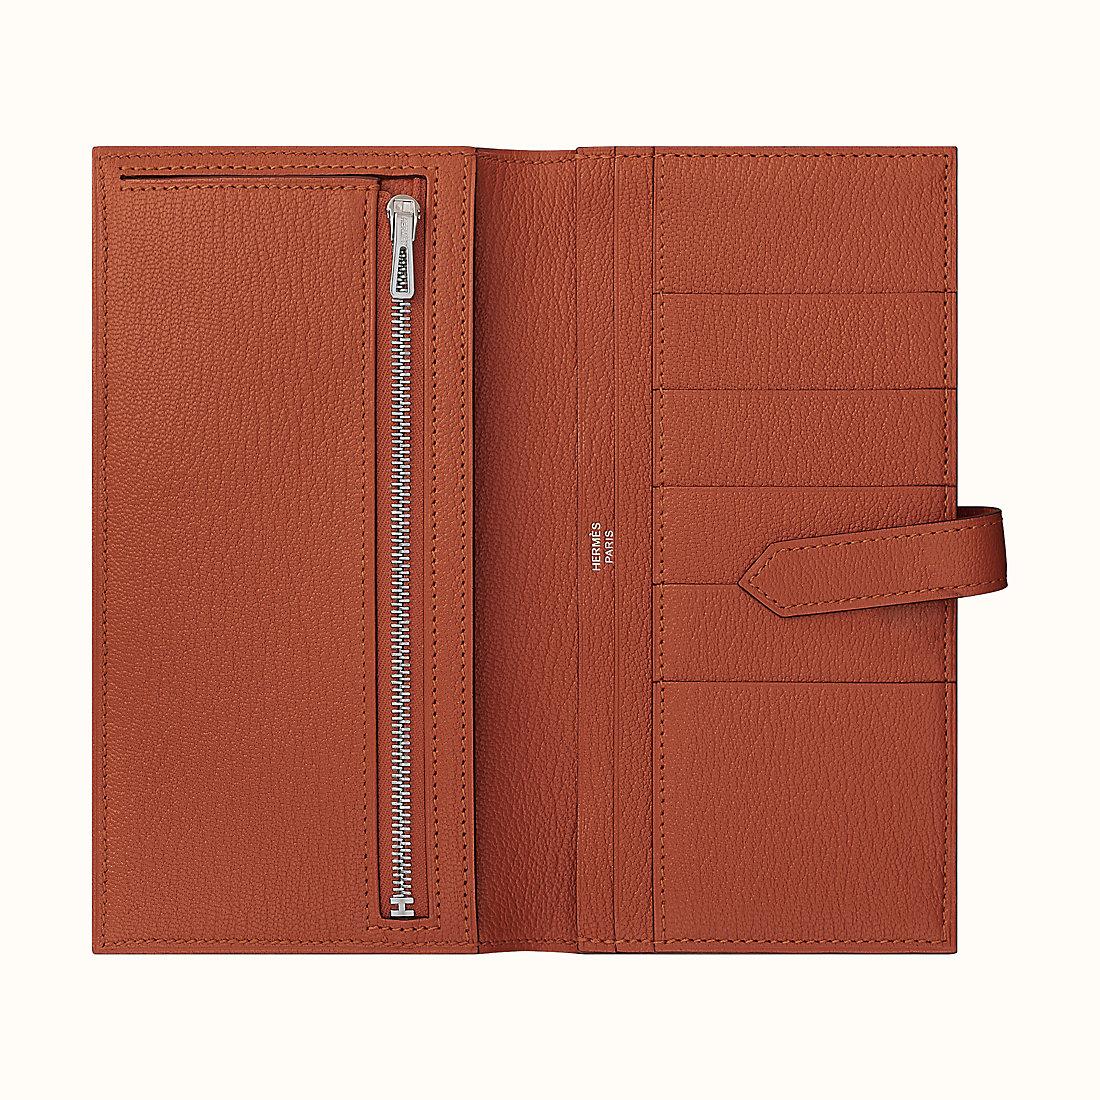 香港黃大仙區 愛馬仕長款錢包 Hermes Bearn wallet 山羊皮 CK36 磚紅色